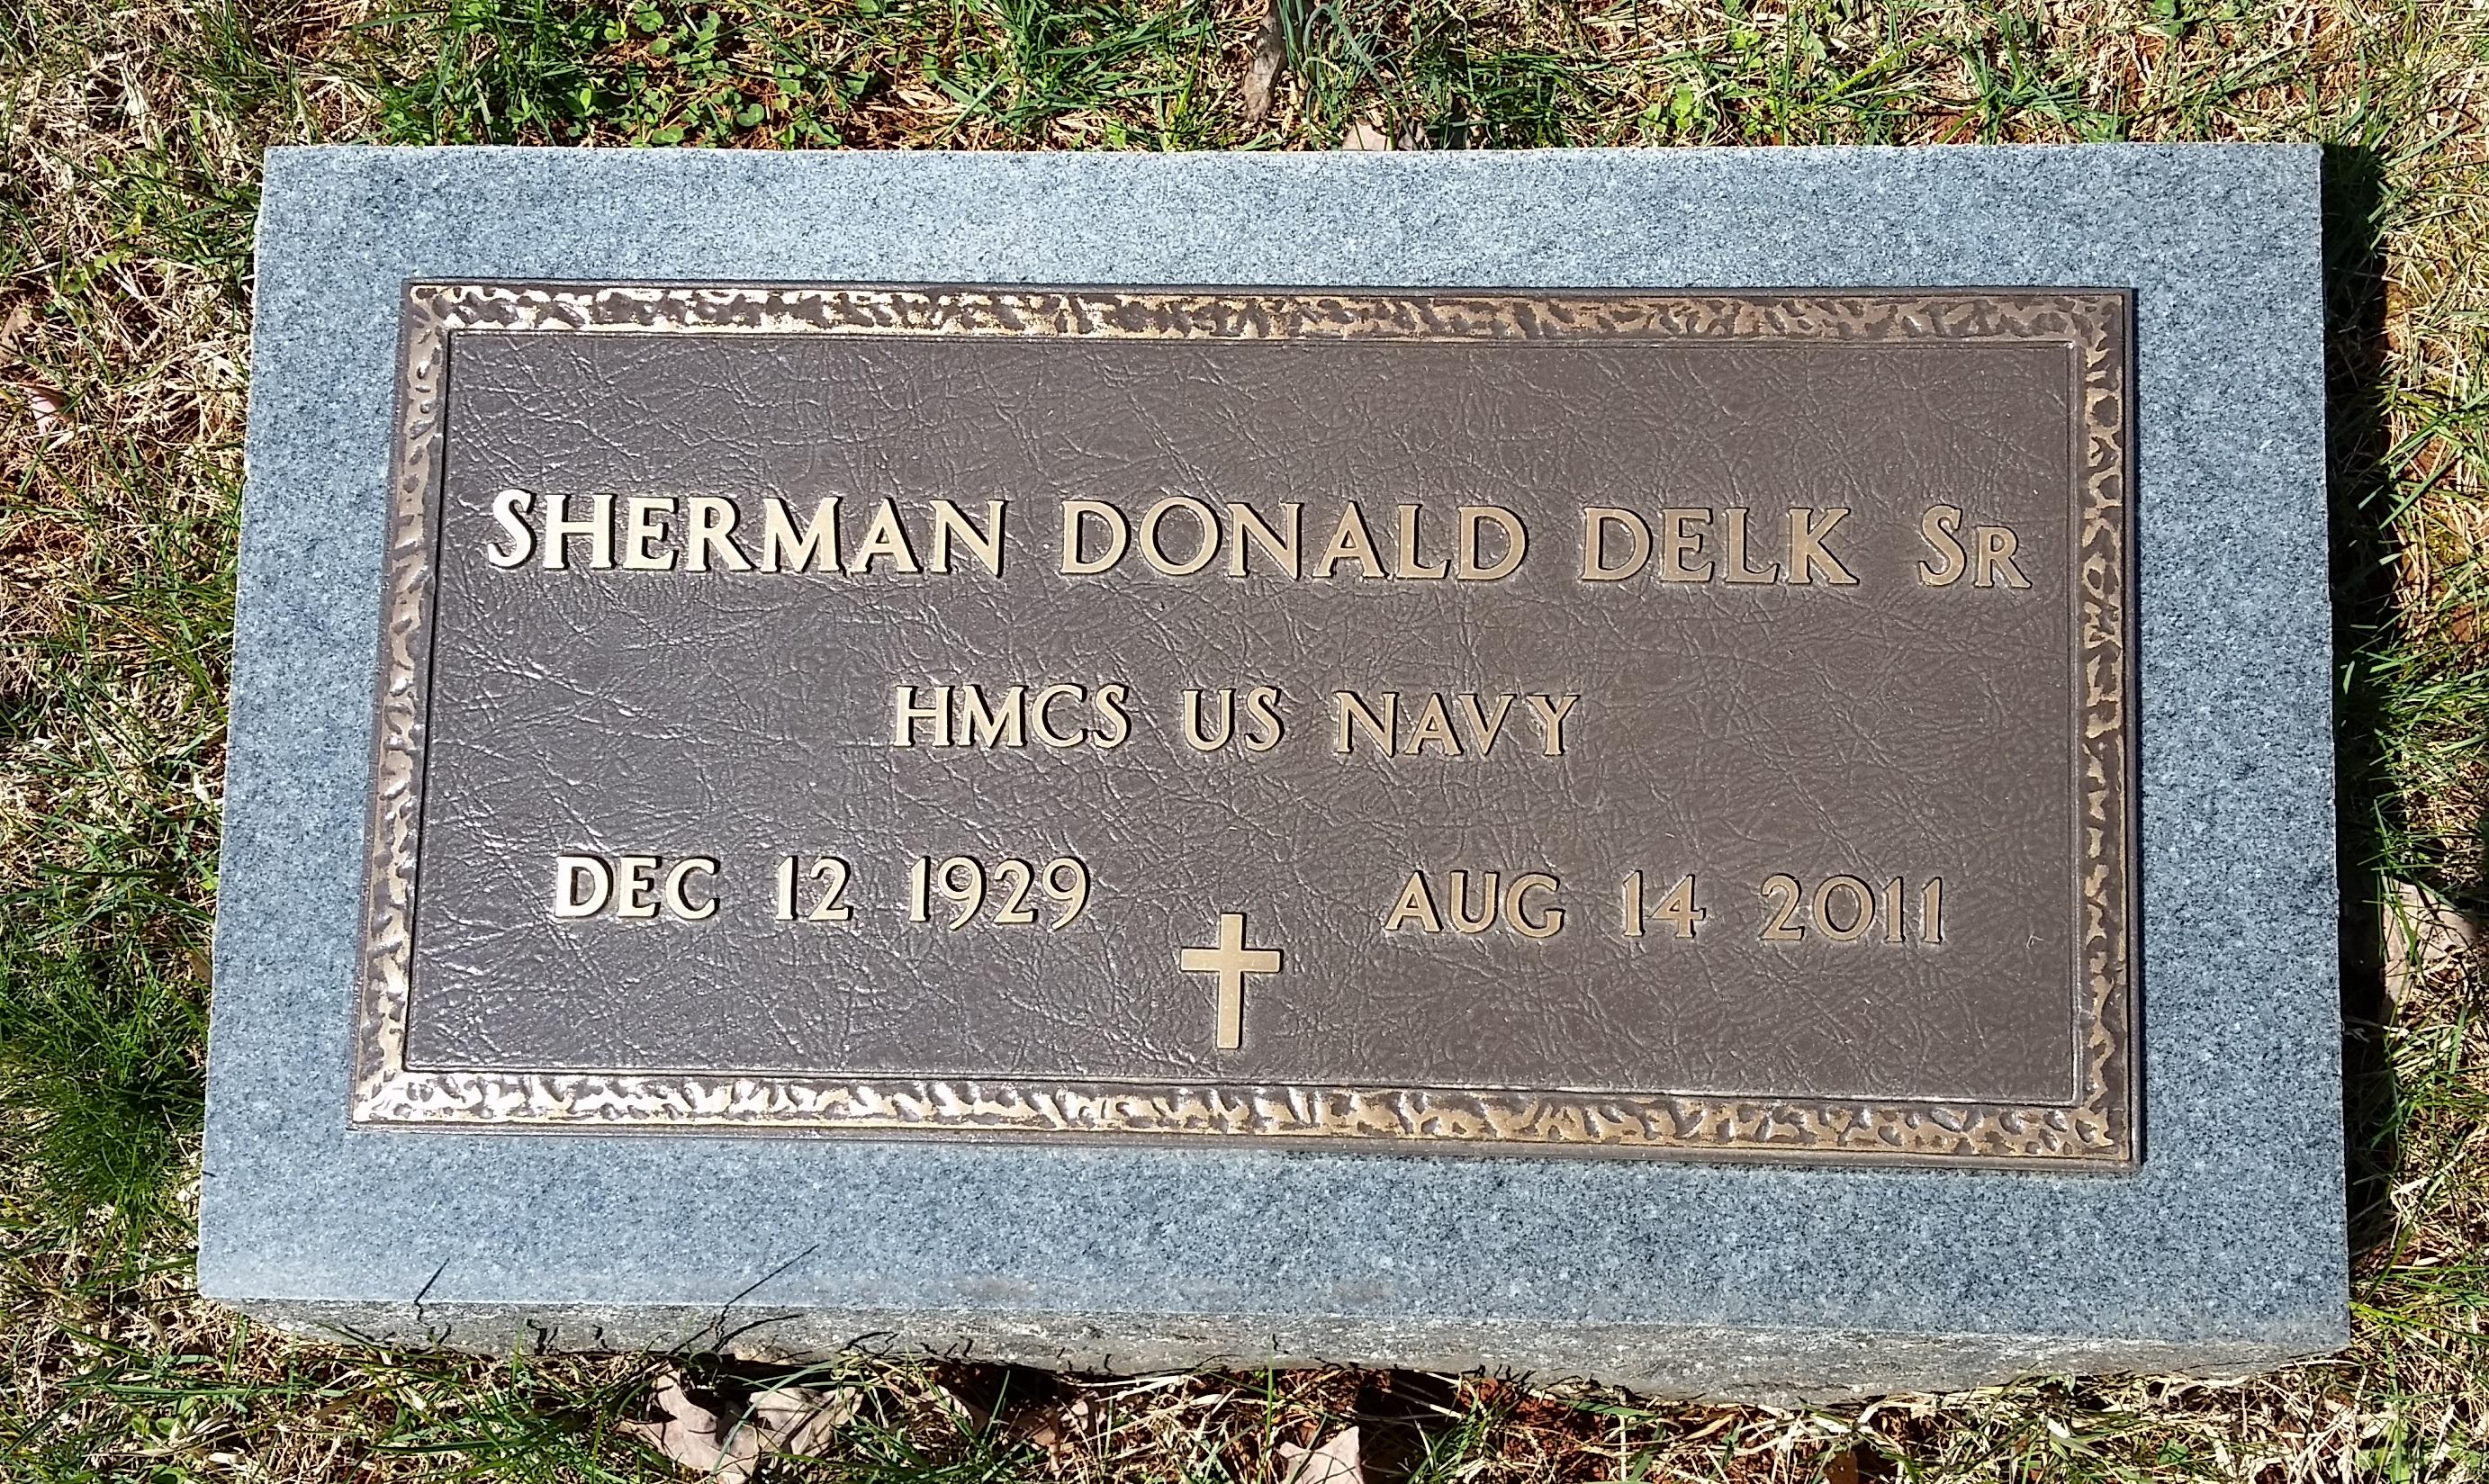 Sherman Donald Delk, Sr